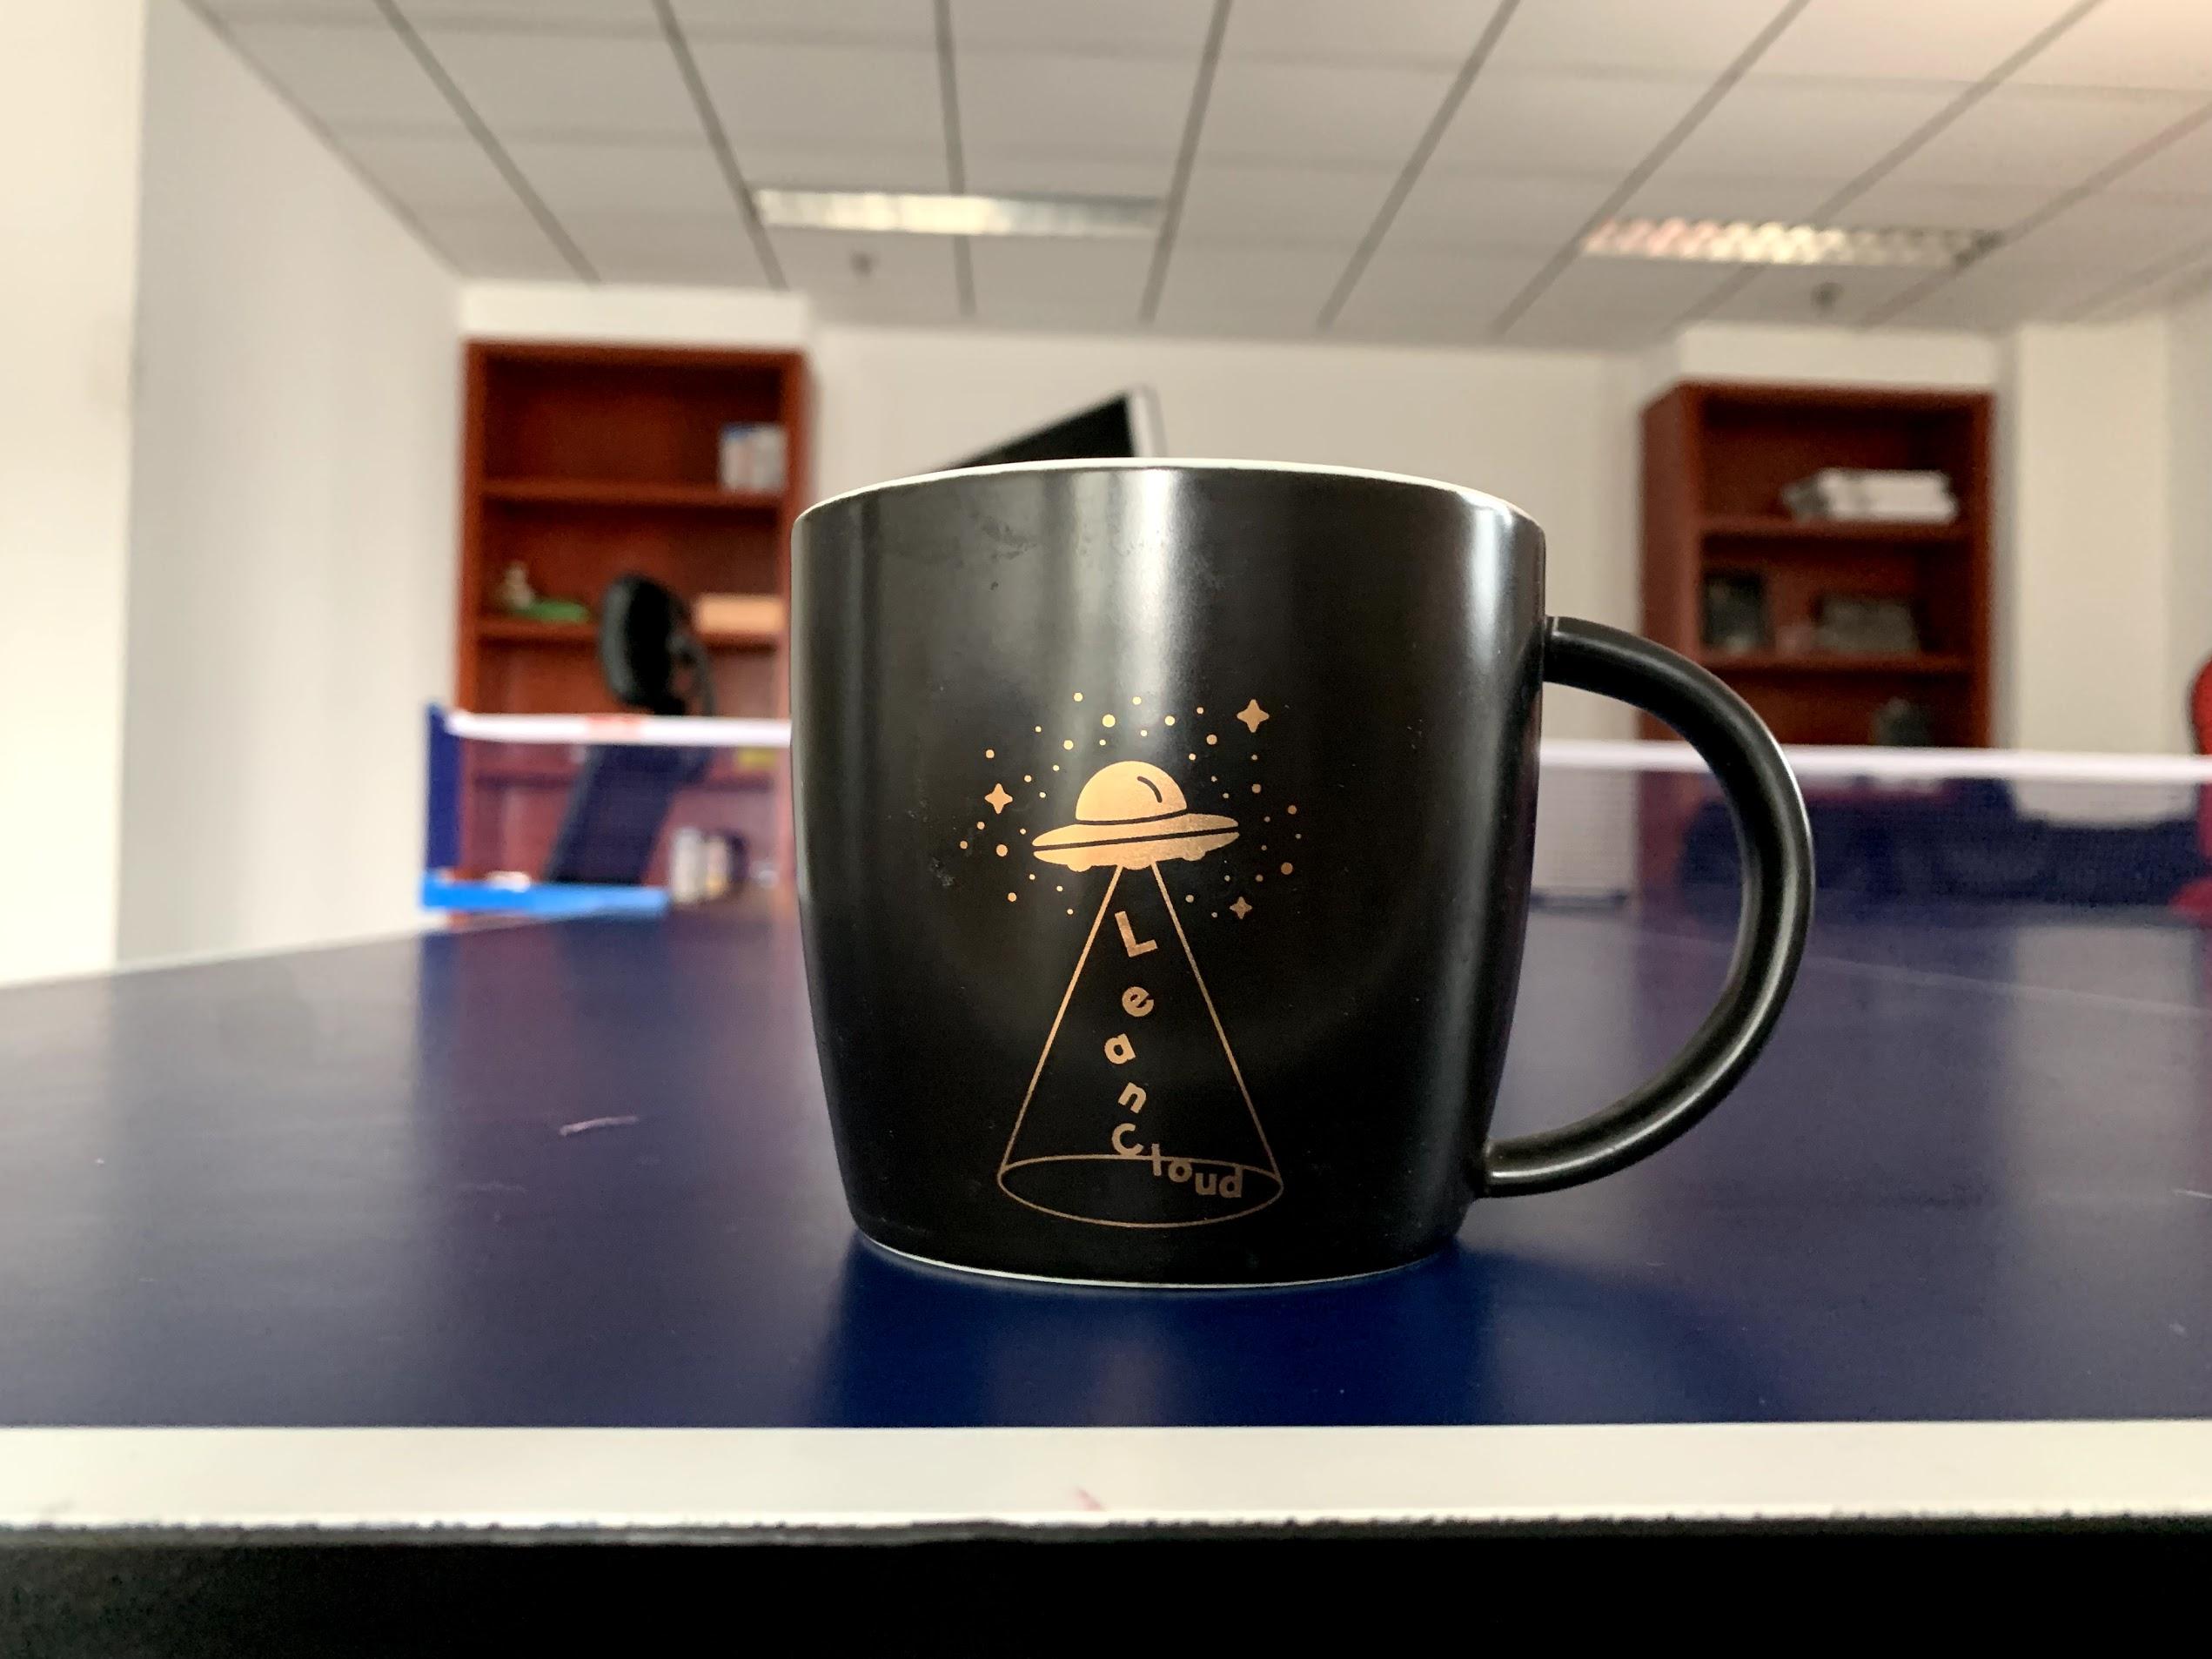 leancloud_cup.jpg